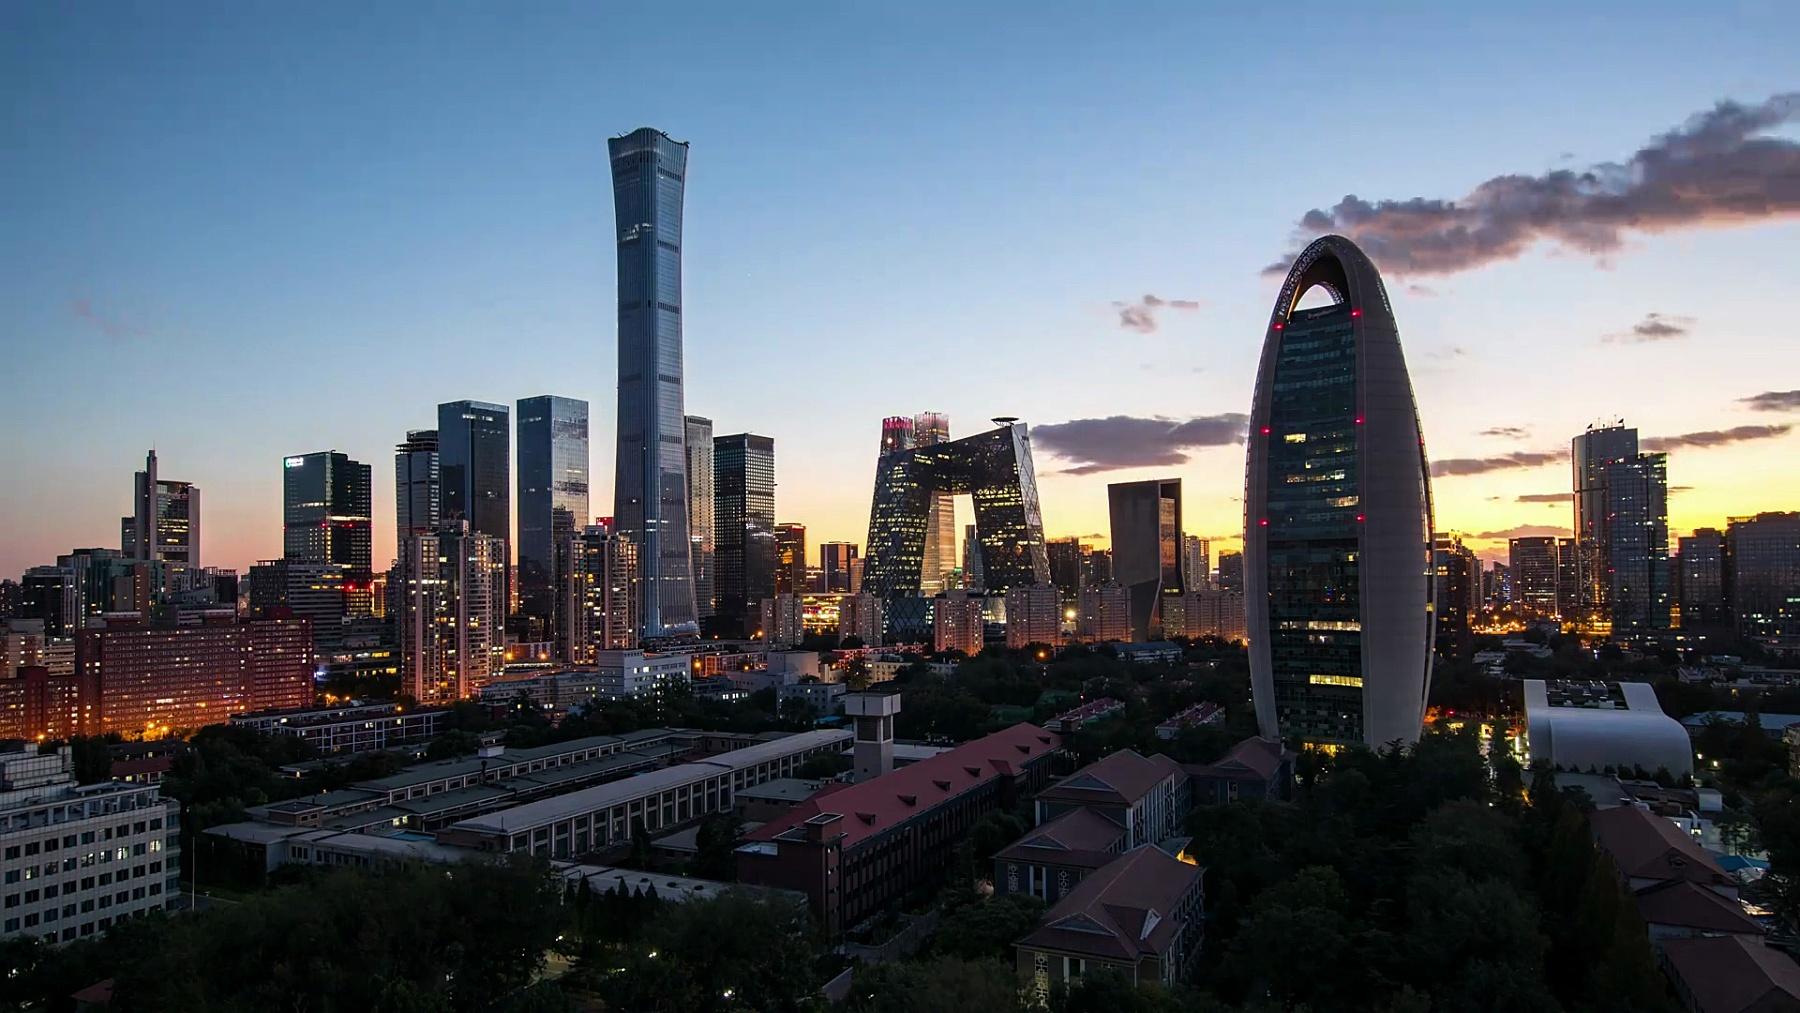 延时摄影-北京黄昏的天际线